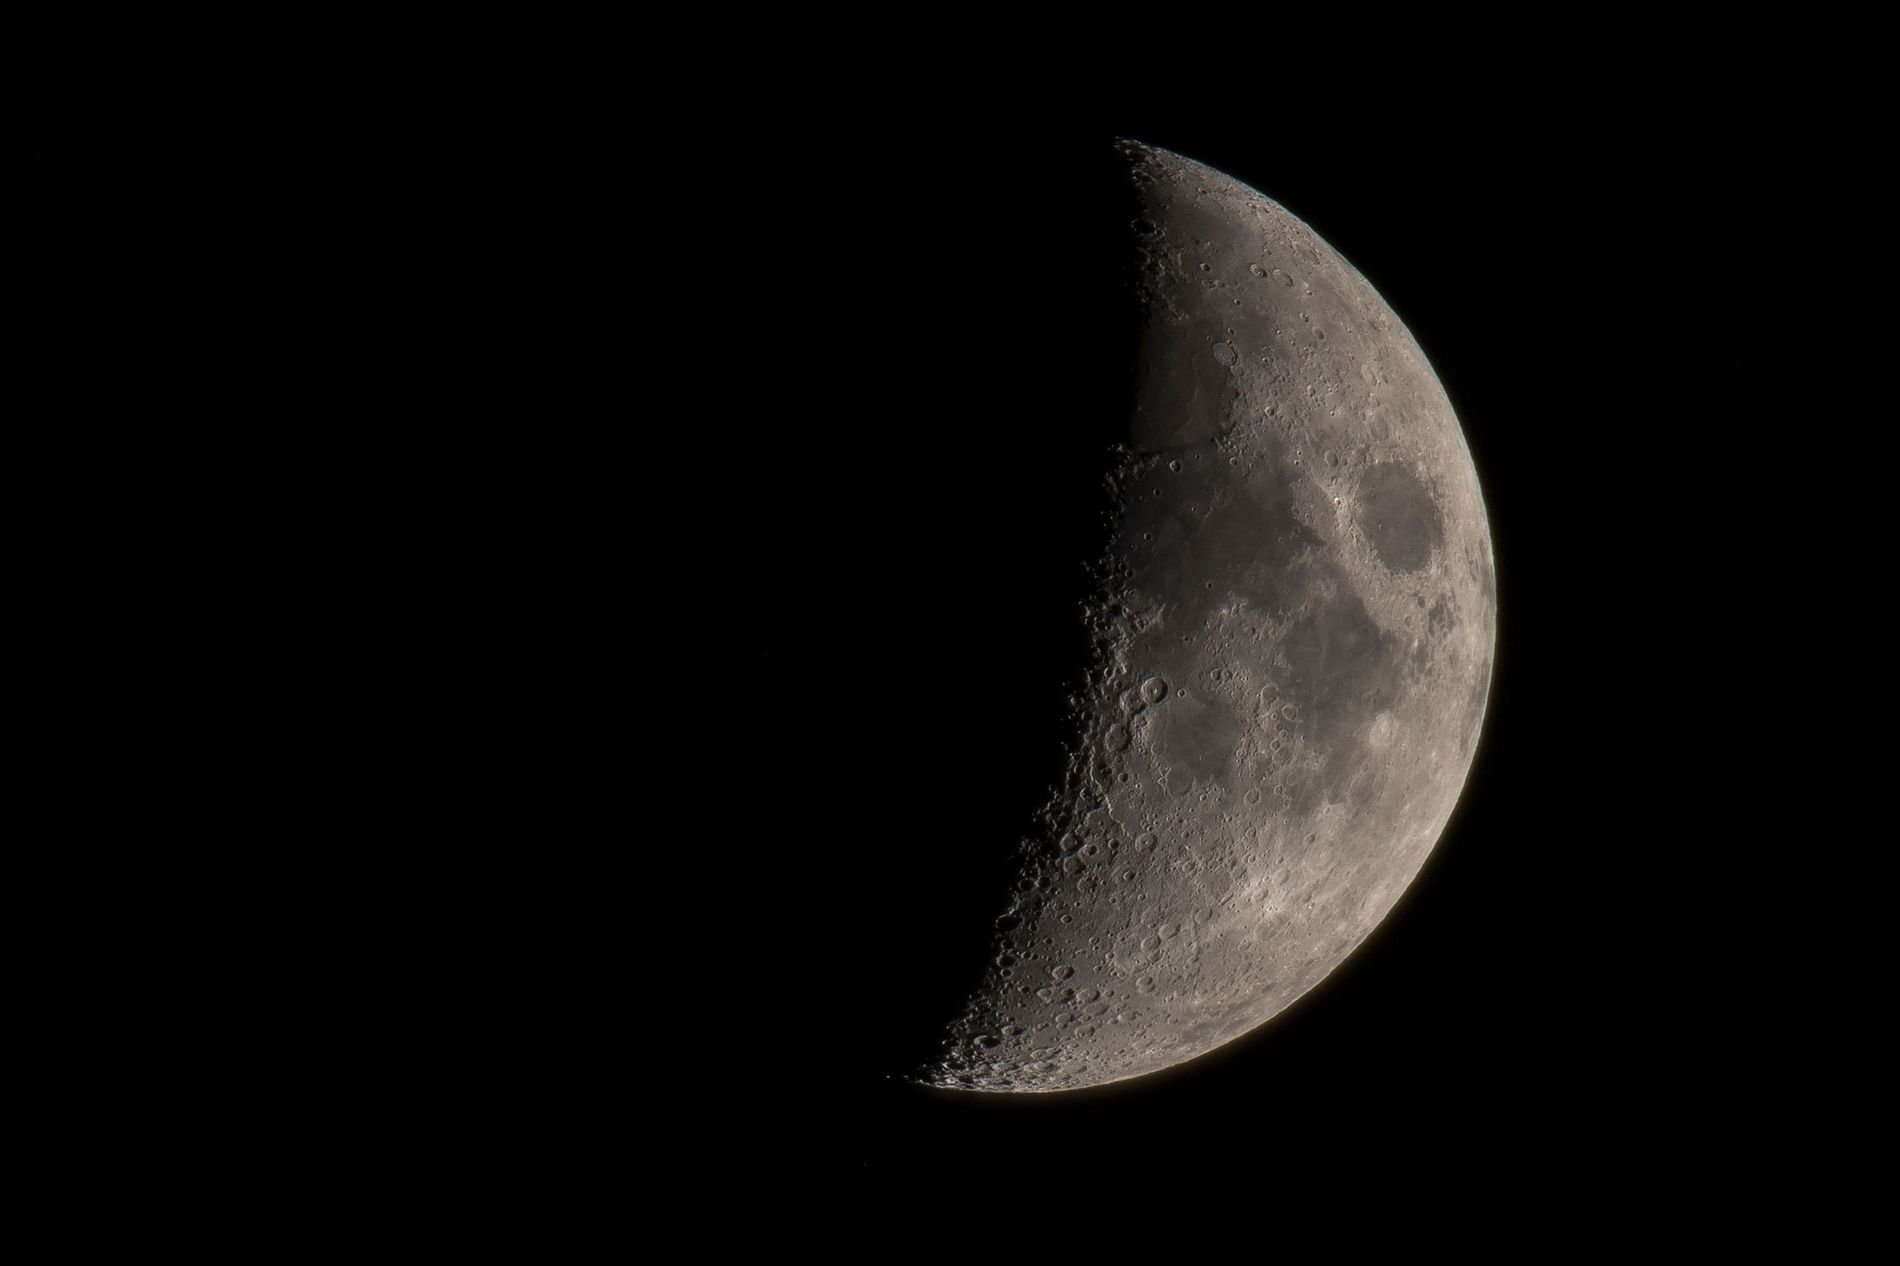 Uma imagem da lua vista de um telescópio revela as várias crateras bem preservadas e planícies ...